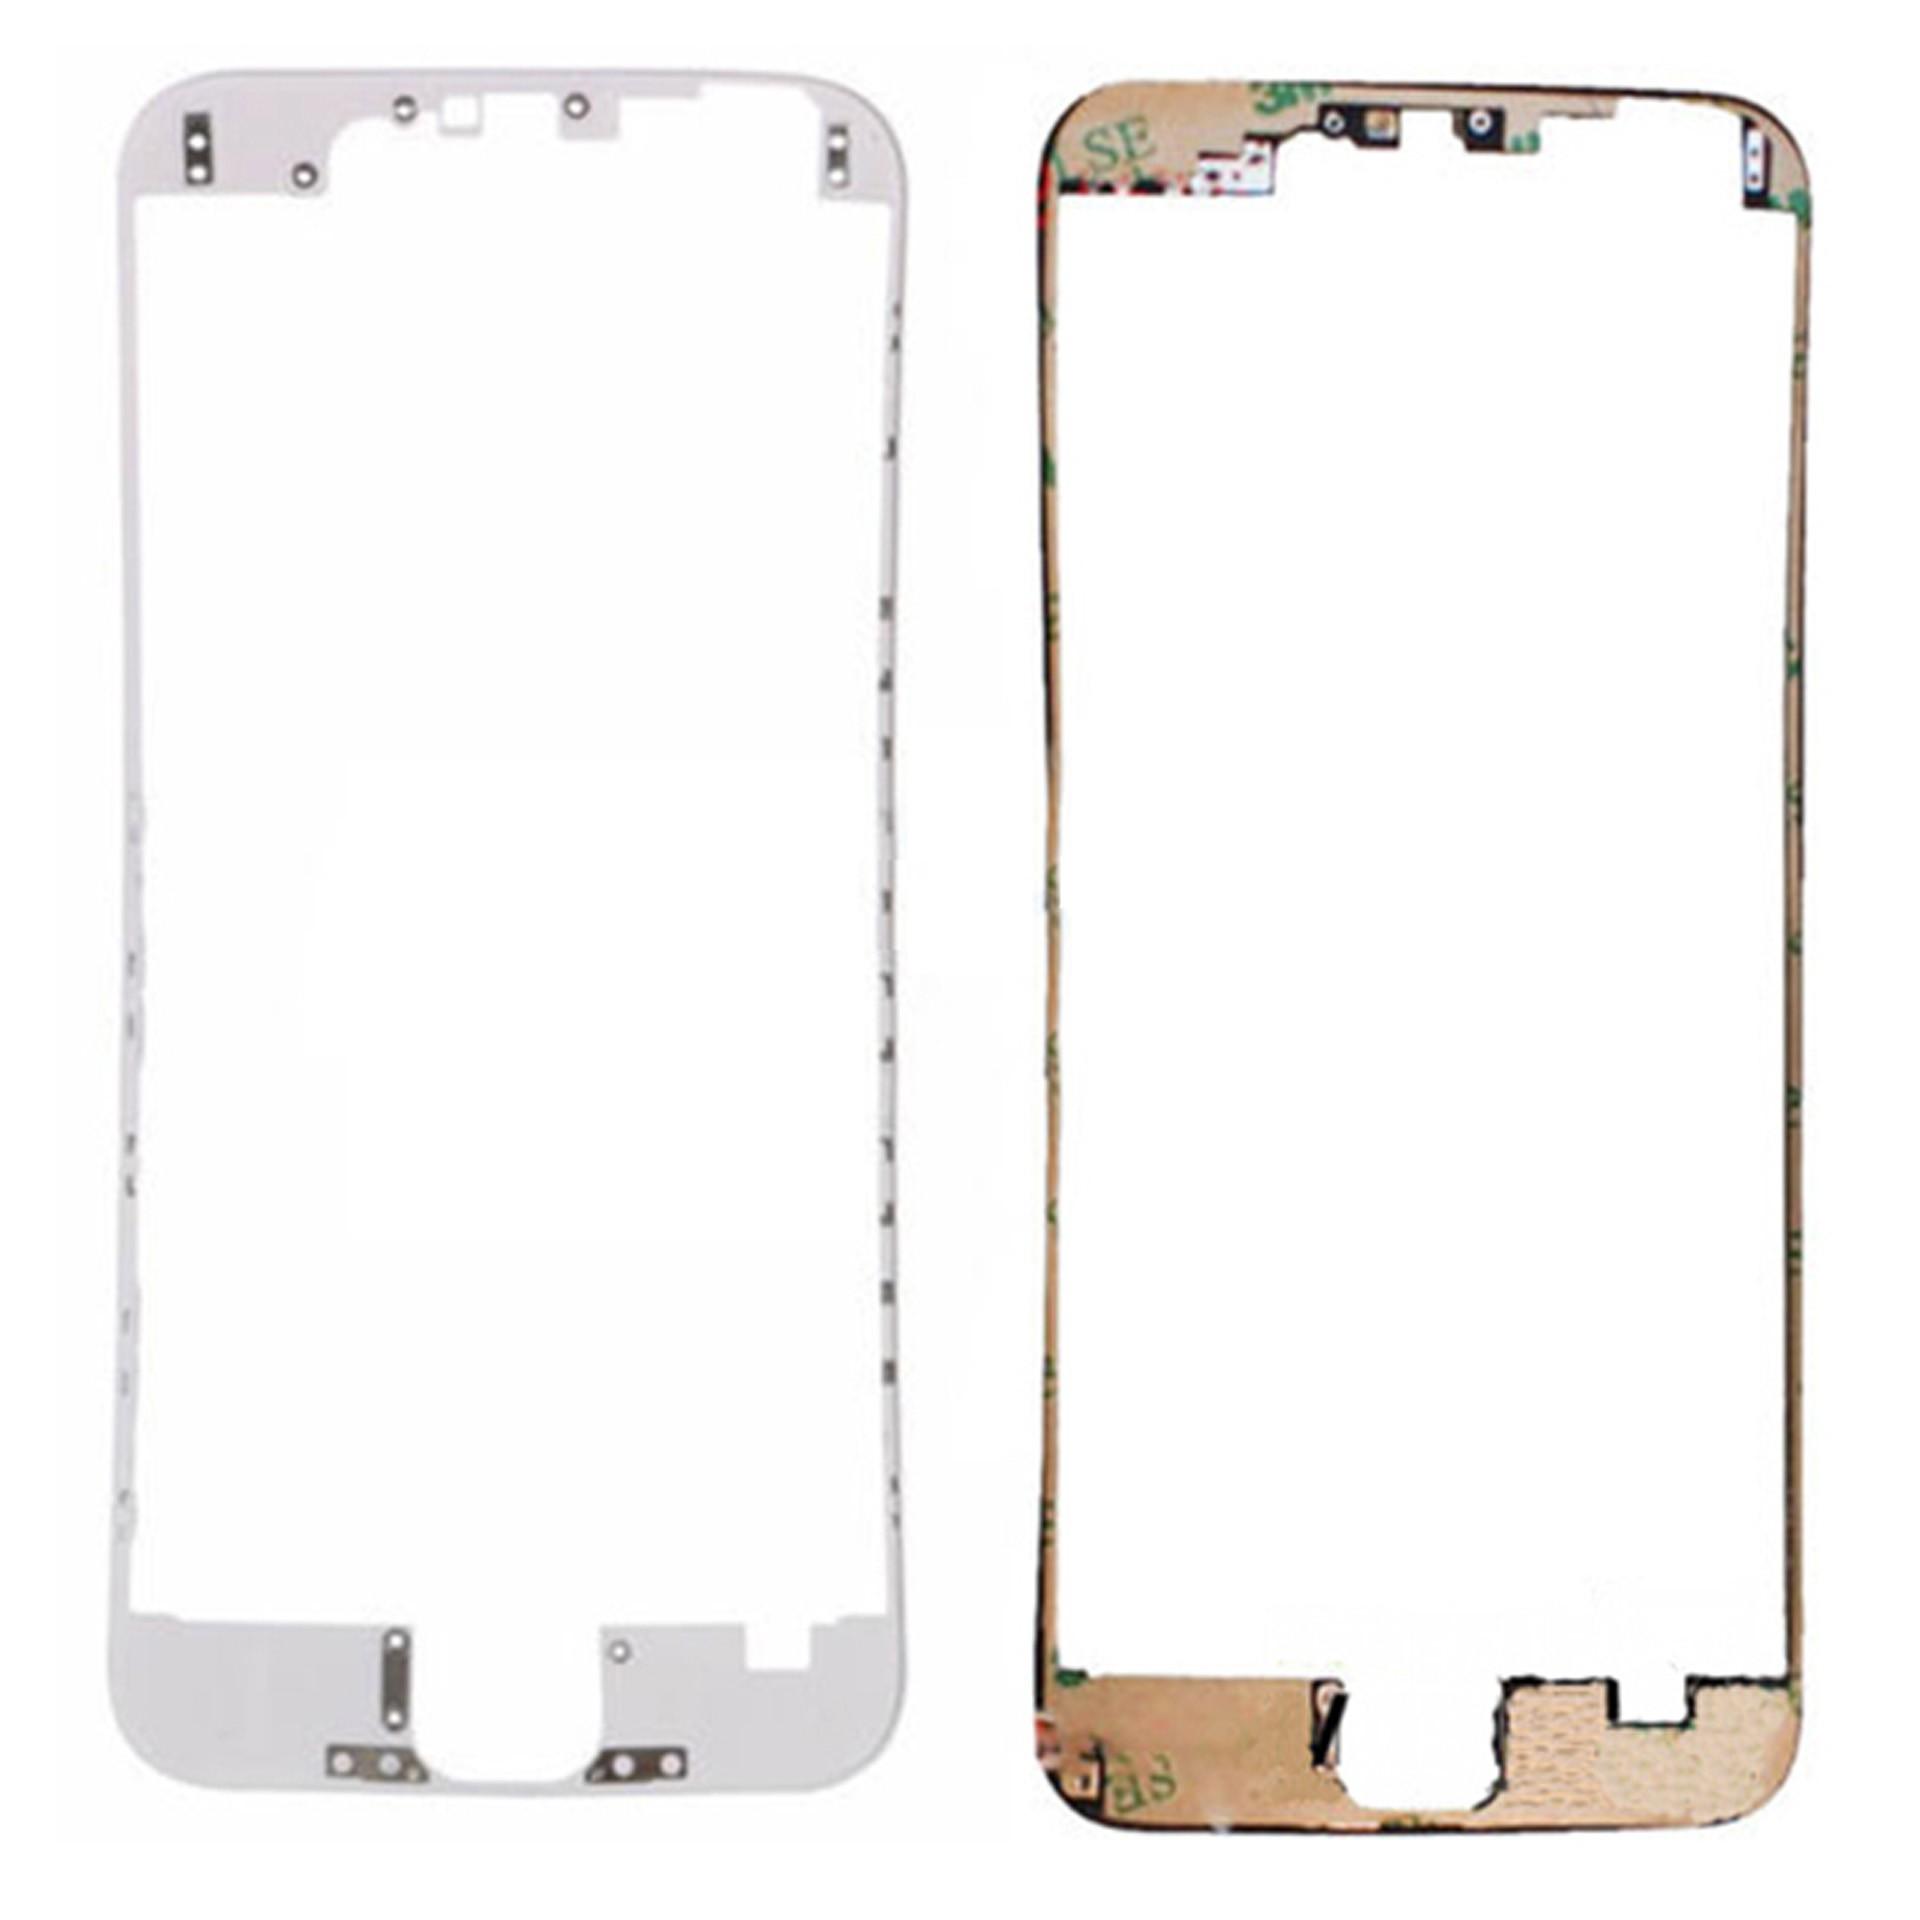 Dispayrahmen für iPhone 6 plus - Weiß